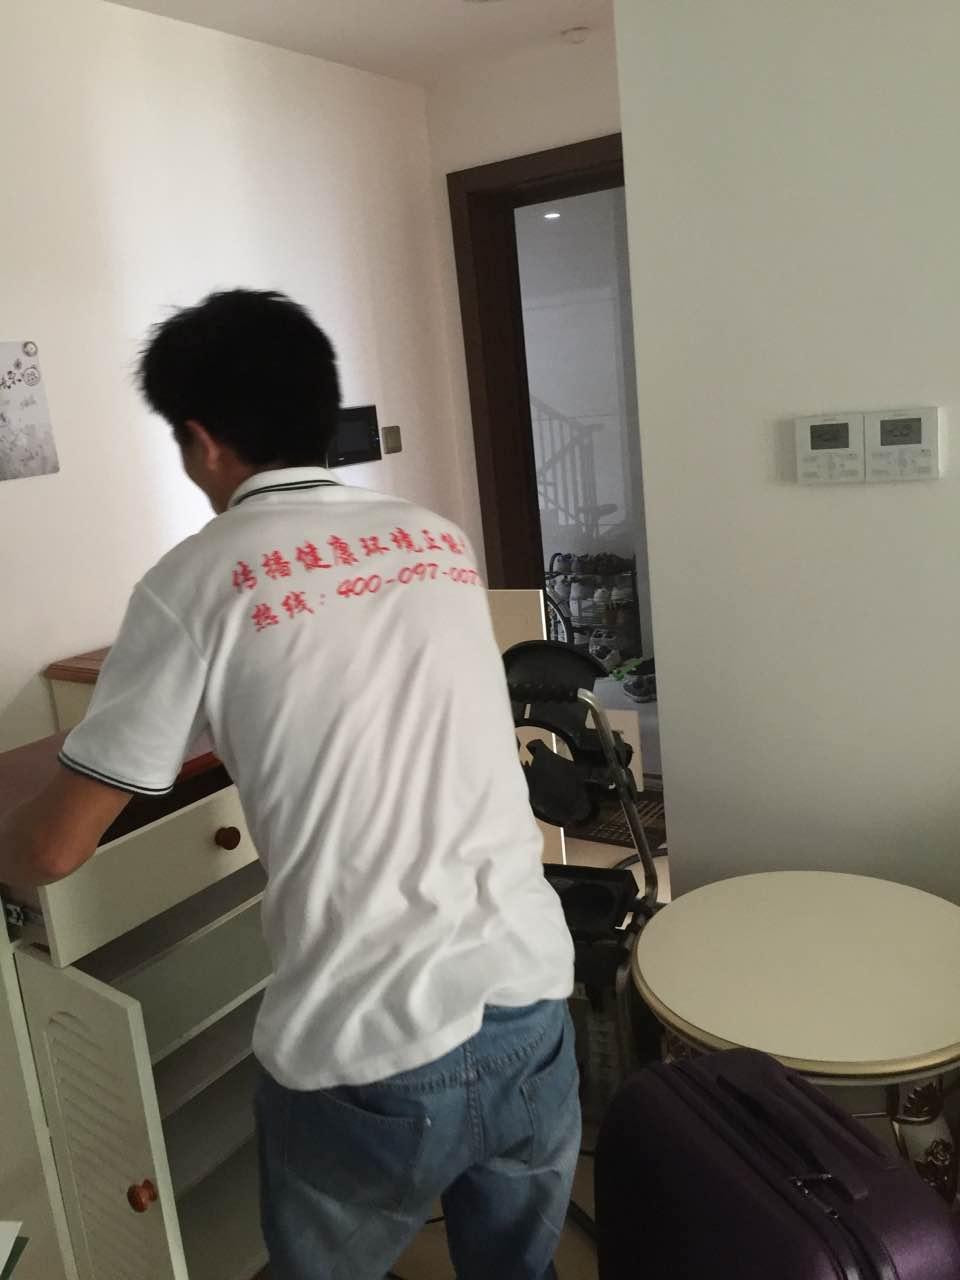 中邦晶城家庭空气治理